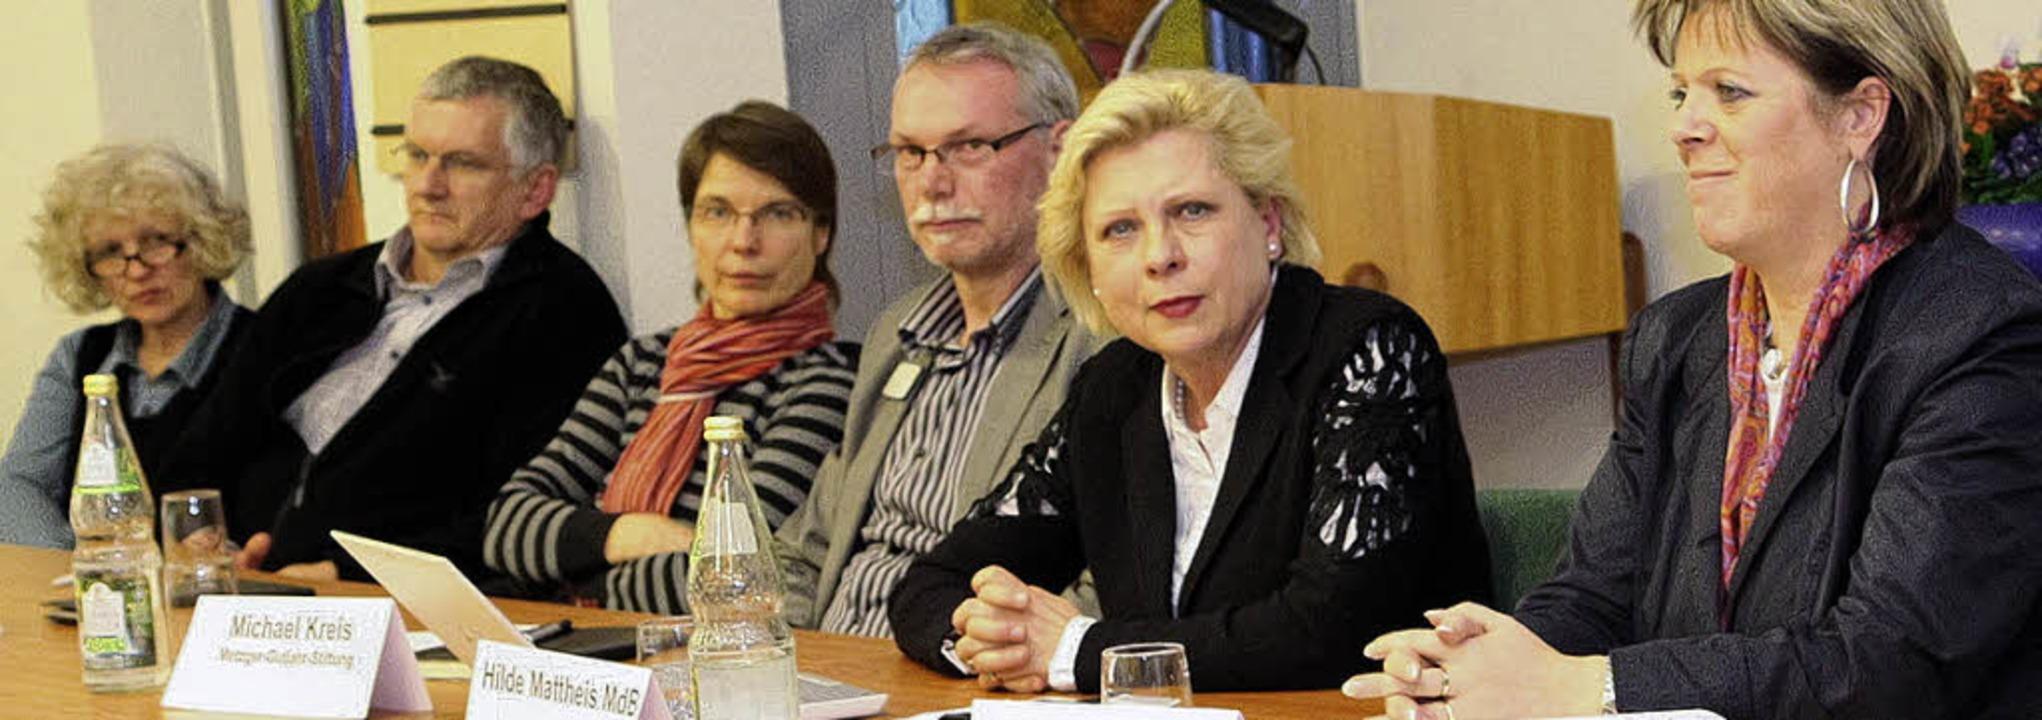 Die SPD-Bundespolitikerin Hilde Matthe...chts) und Experten des Pflegebereichs.  | Foto: Dagmar Barber